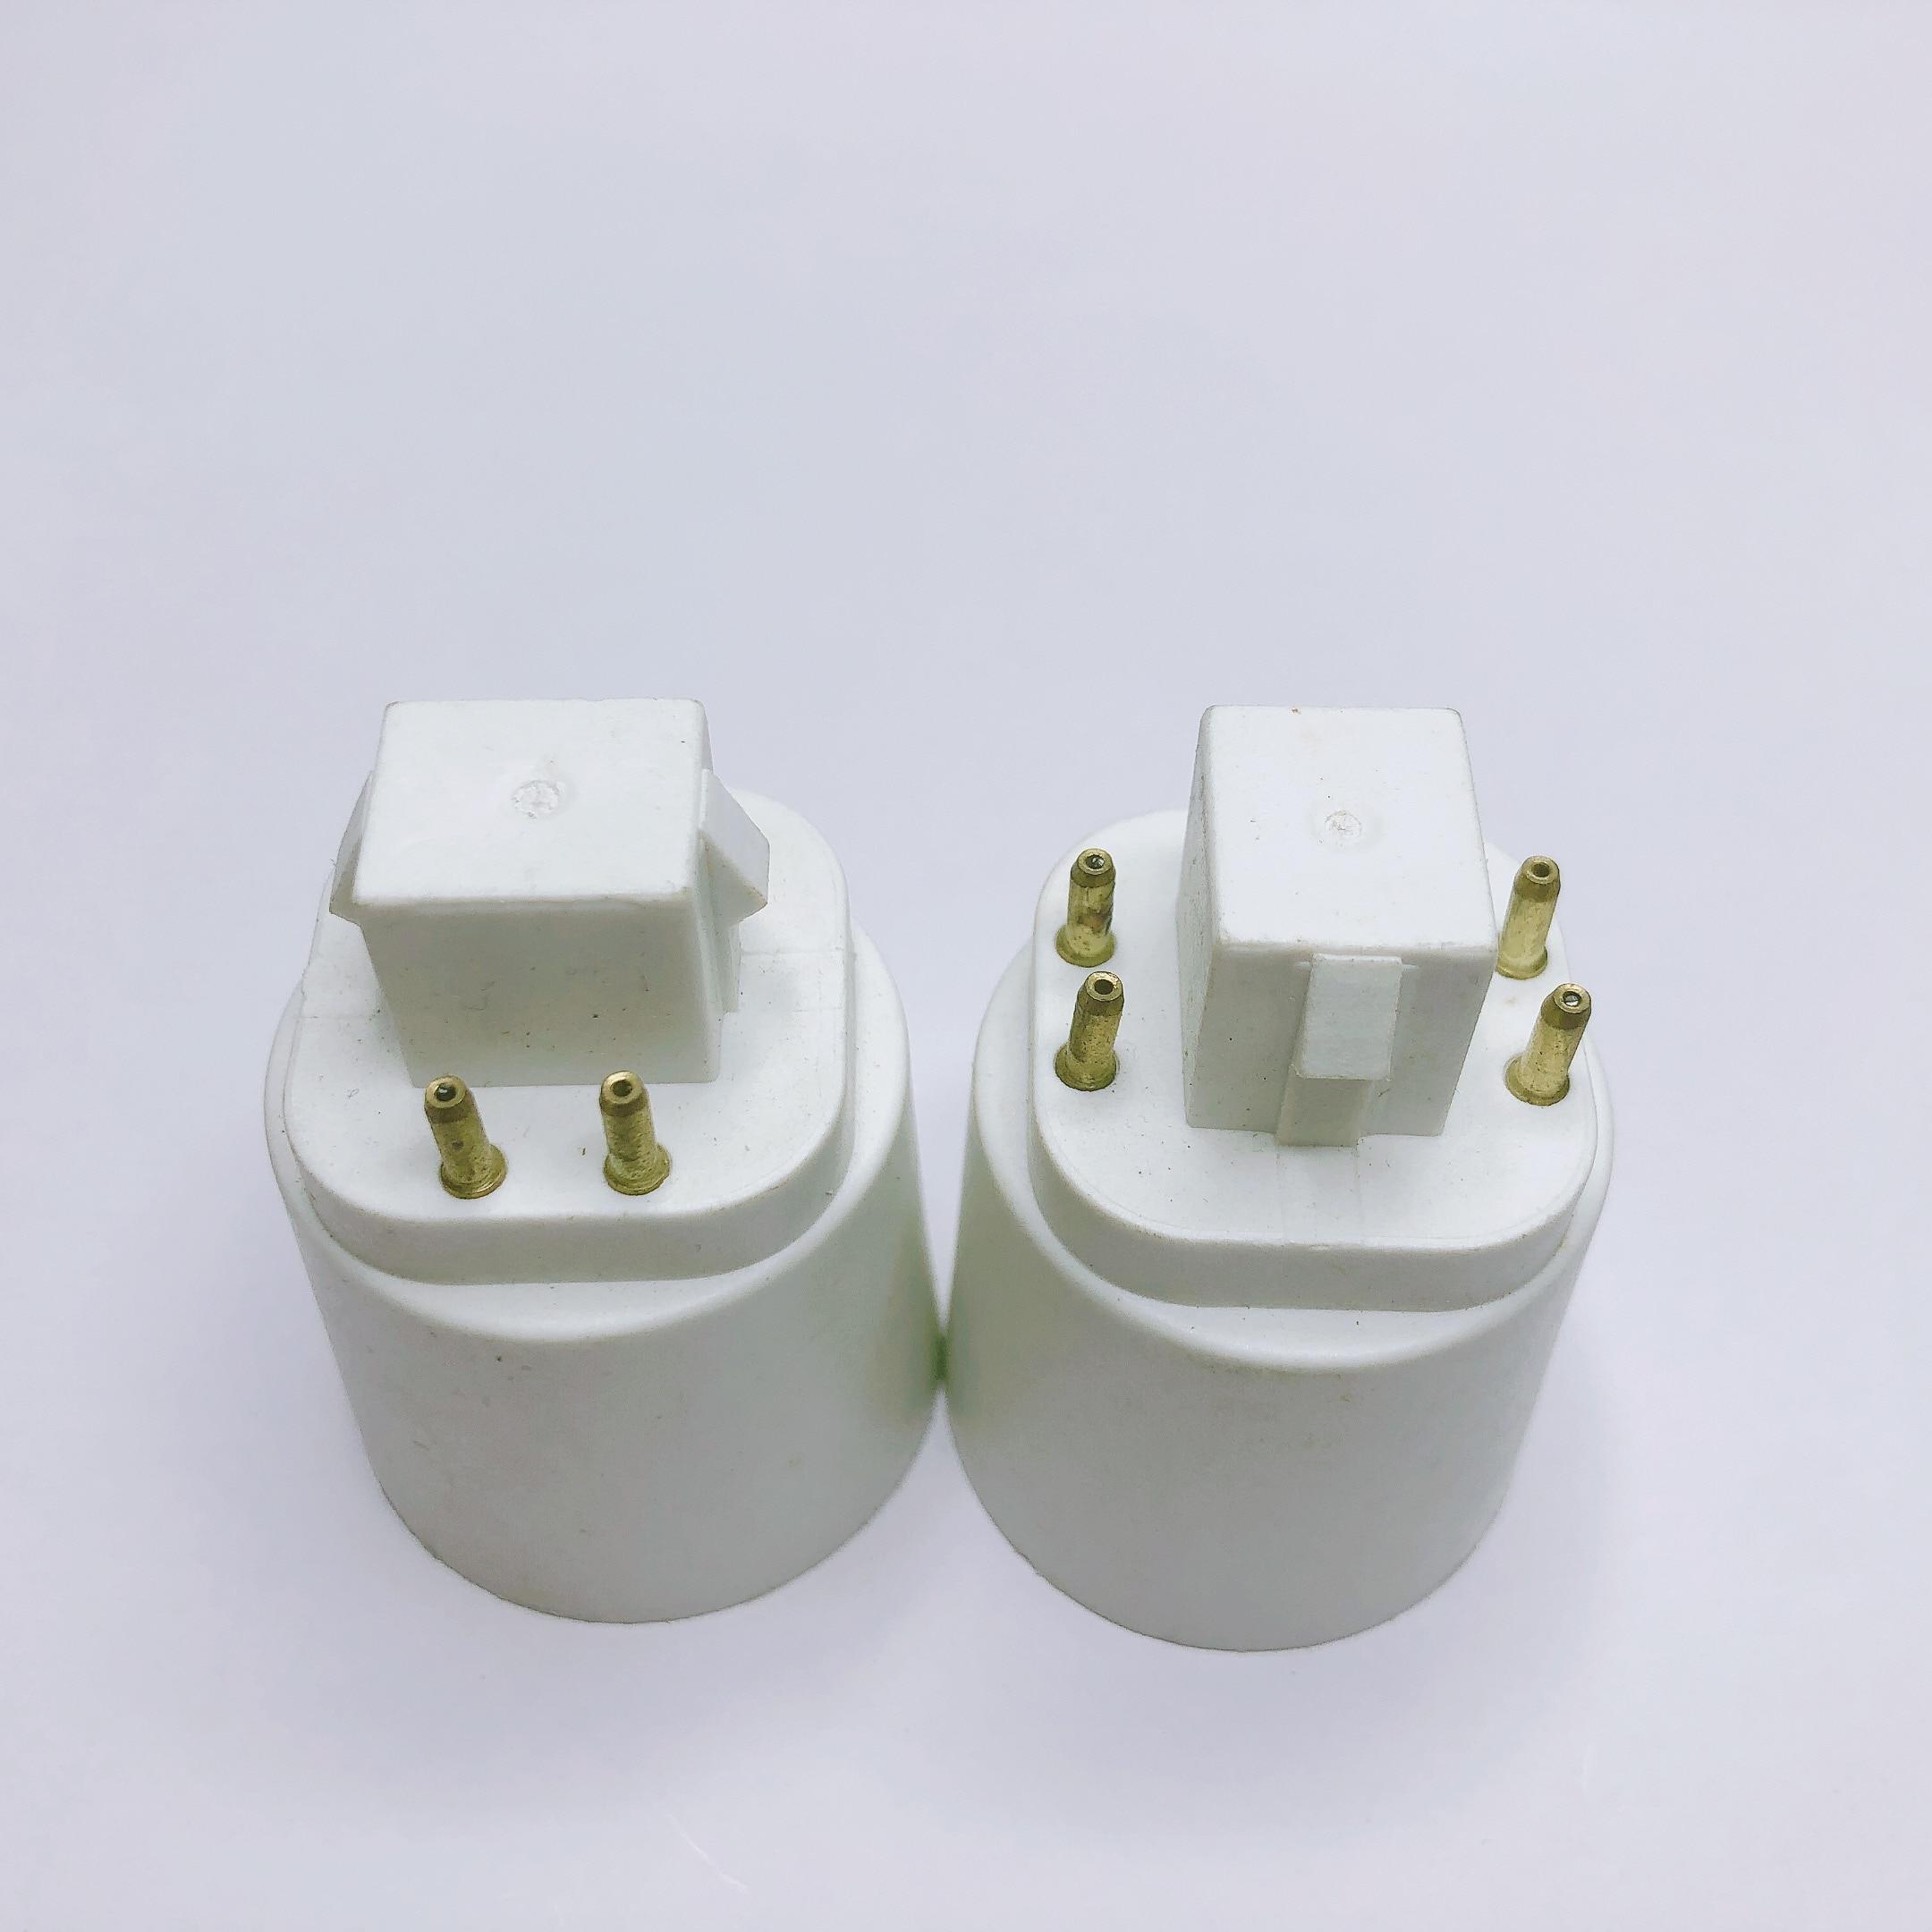 ABS LED G24 To E27 Adapter Socket Halogen Gx24q CFL Light Lamp Base Converter E27 To G24 Bulb Holder Adapter 4pin 85-265V